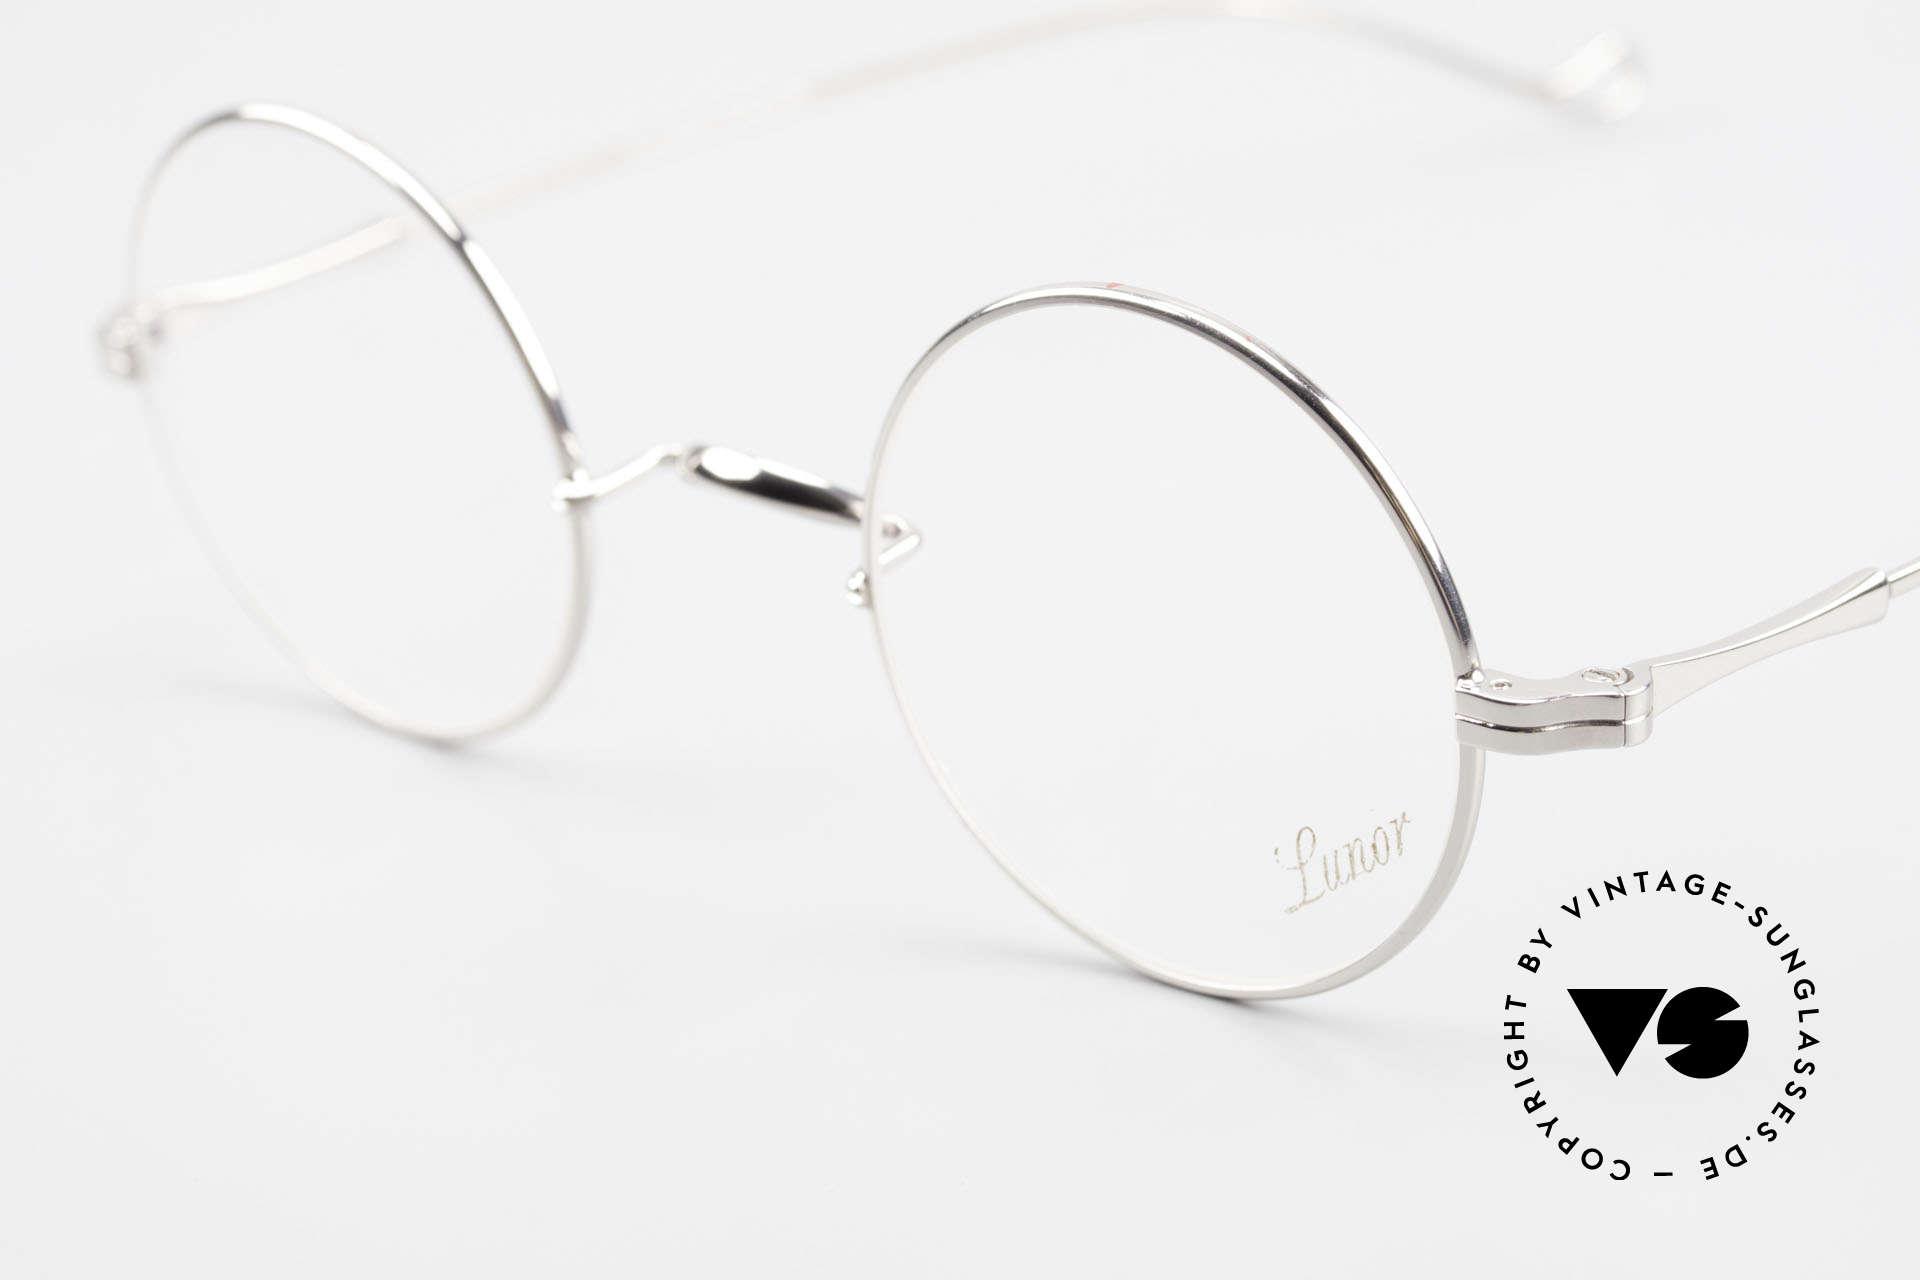 Lunor II 23 Runde Lunor Brille Limited, edel, stilvoll, zeitlos = ein wahres LUNOR ORIGINAL, Passend für Herren und Damen